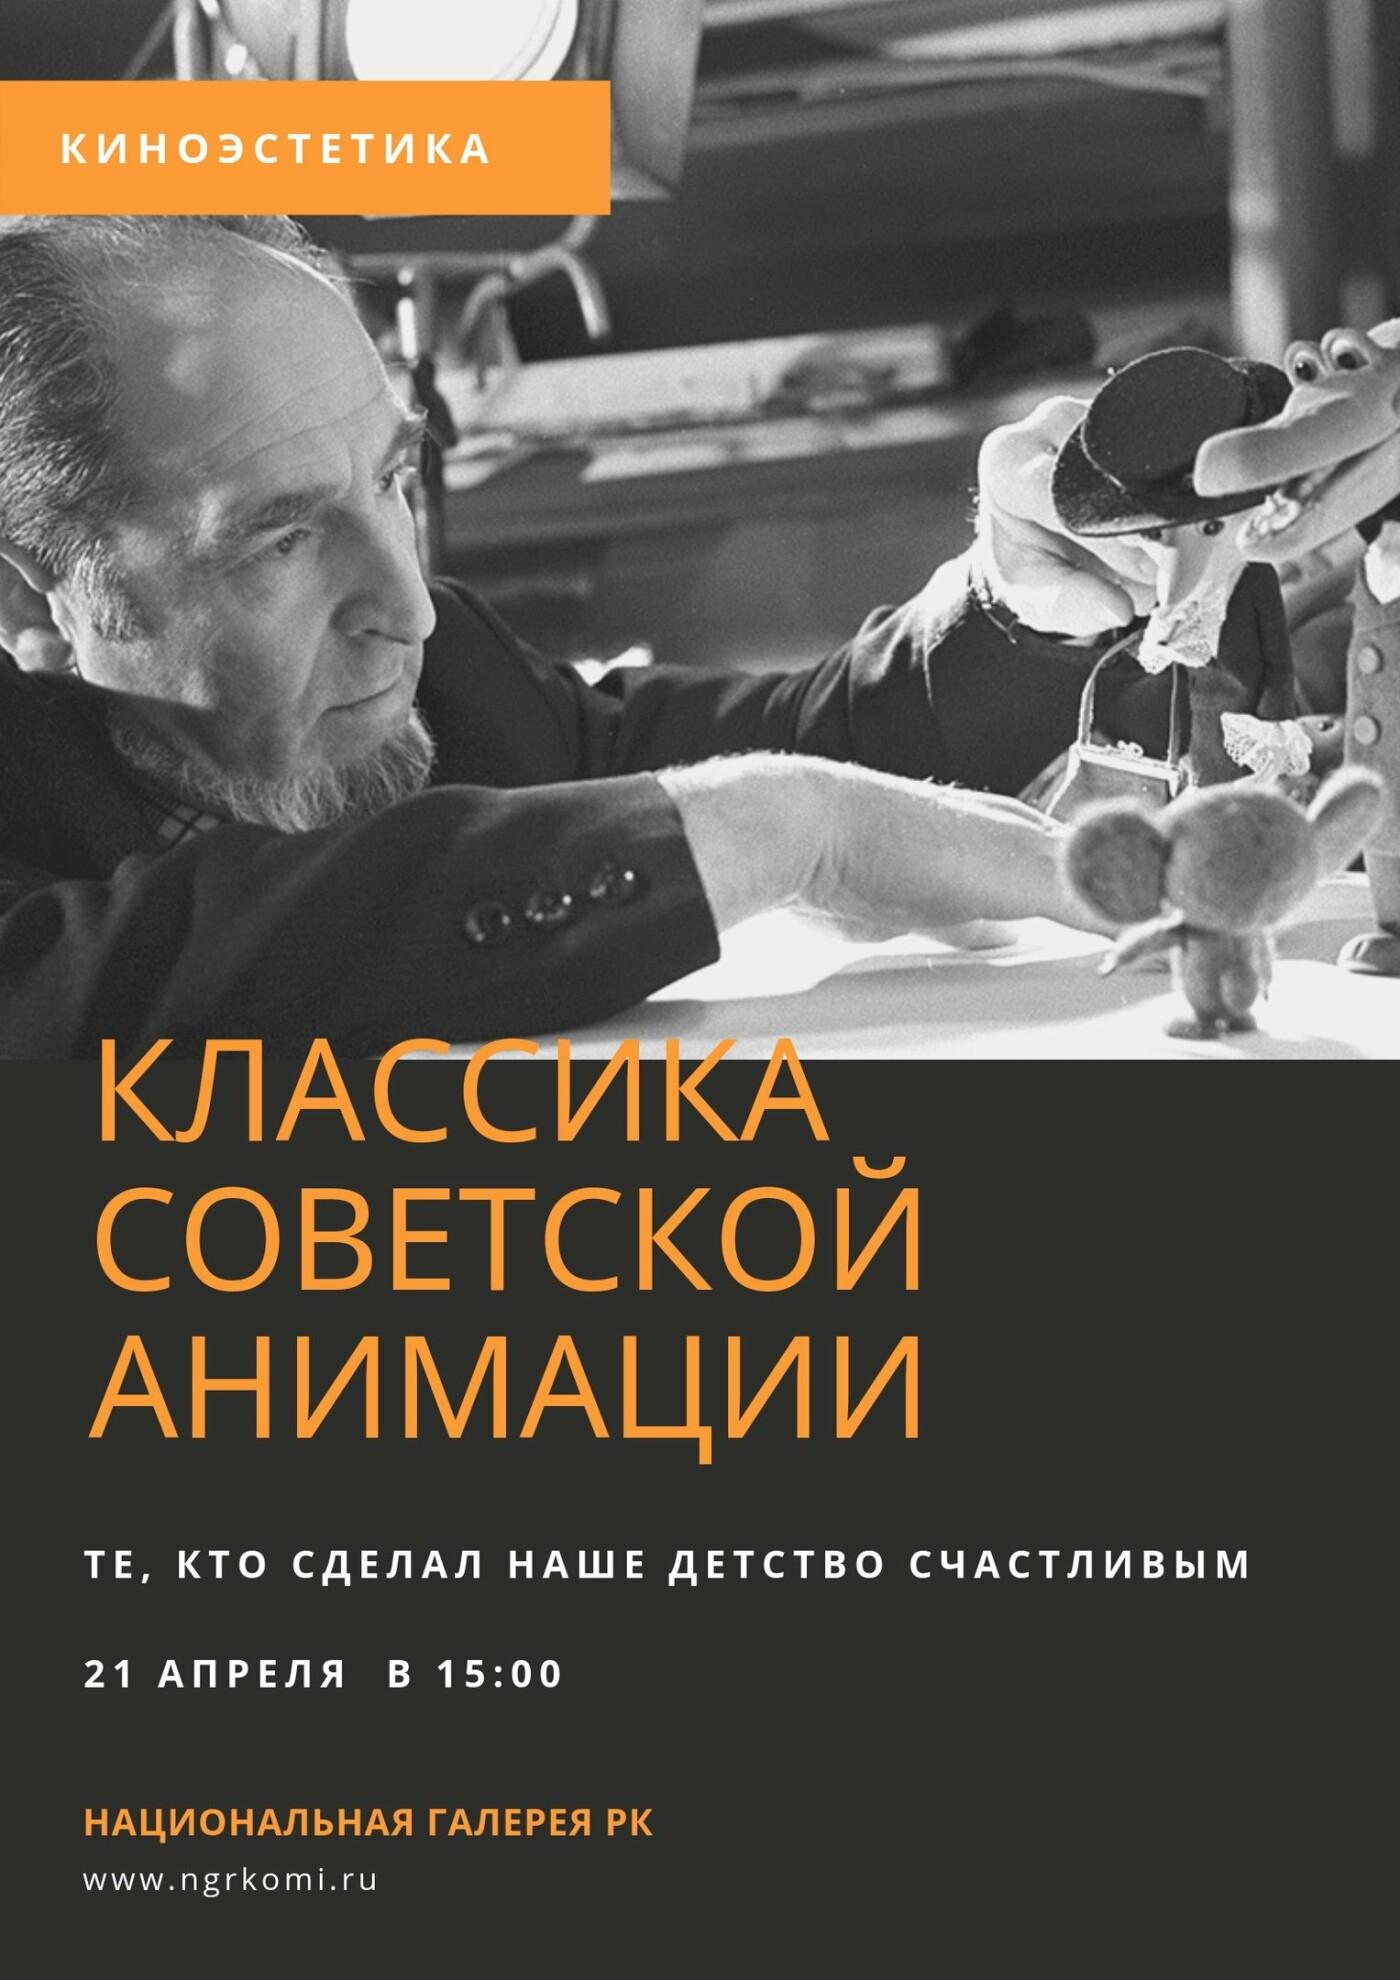 О российской мультипликации и режиссерах Союзмультфильма расскажут в Национальной галерее 21 апреля в рамках «Открытого лектория»